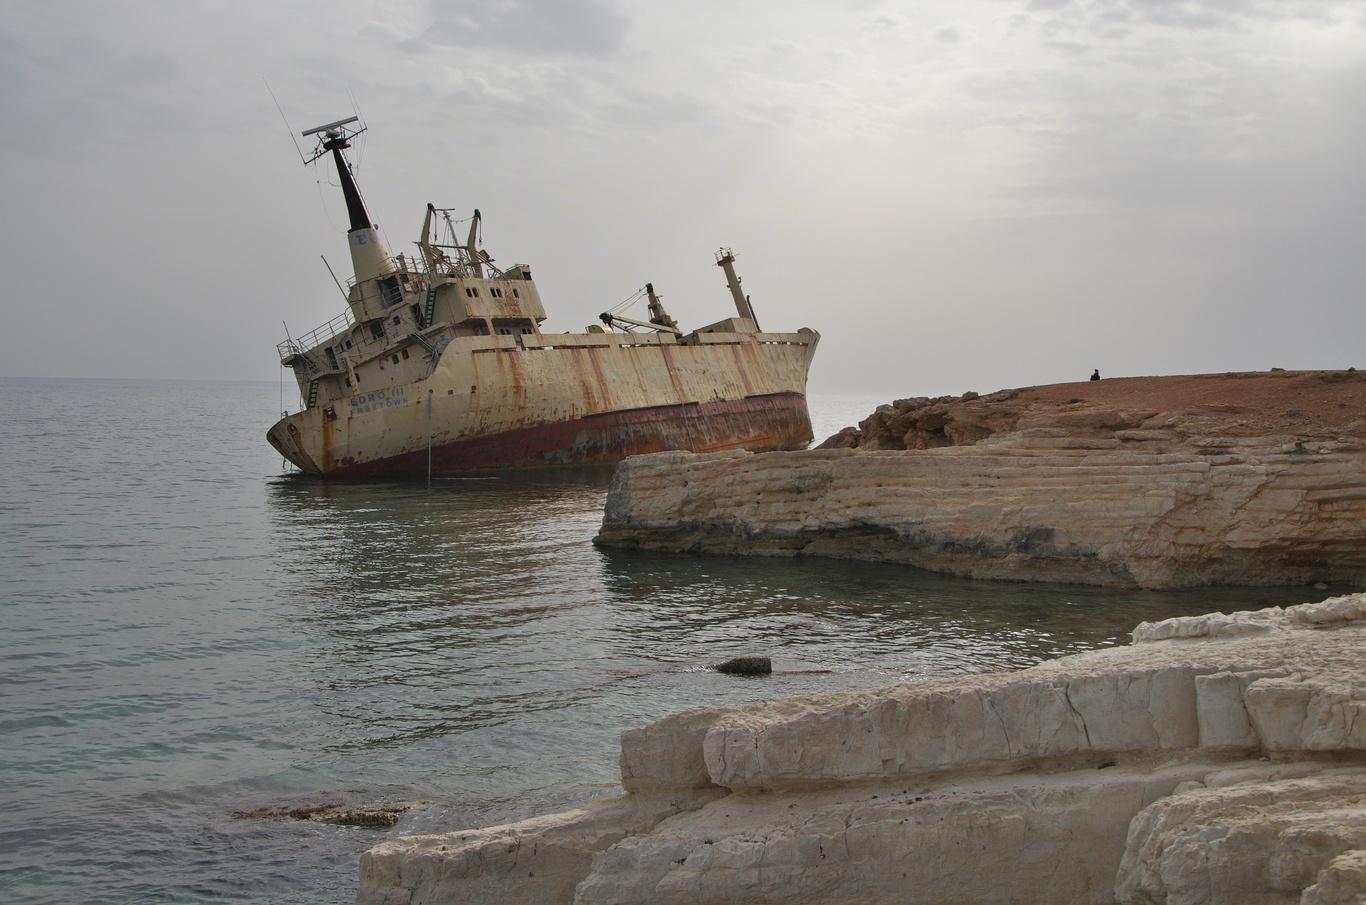 Vrak lodi Erdo III